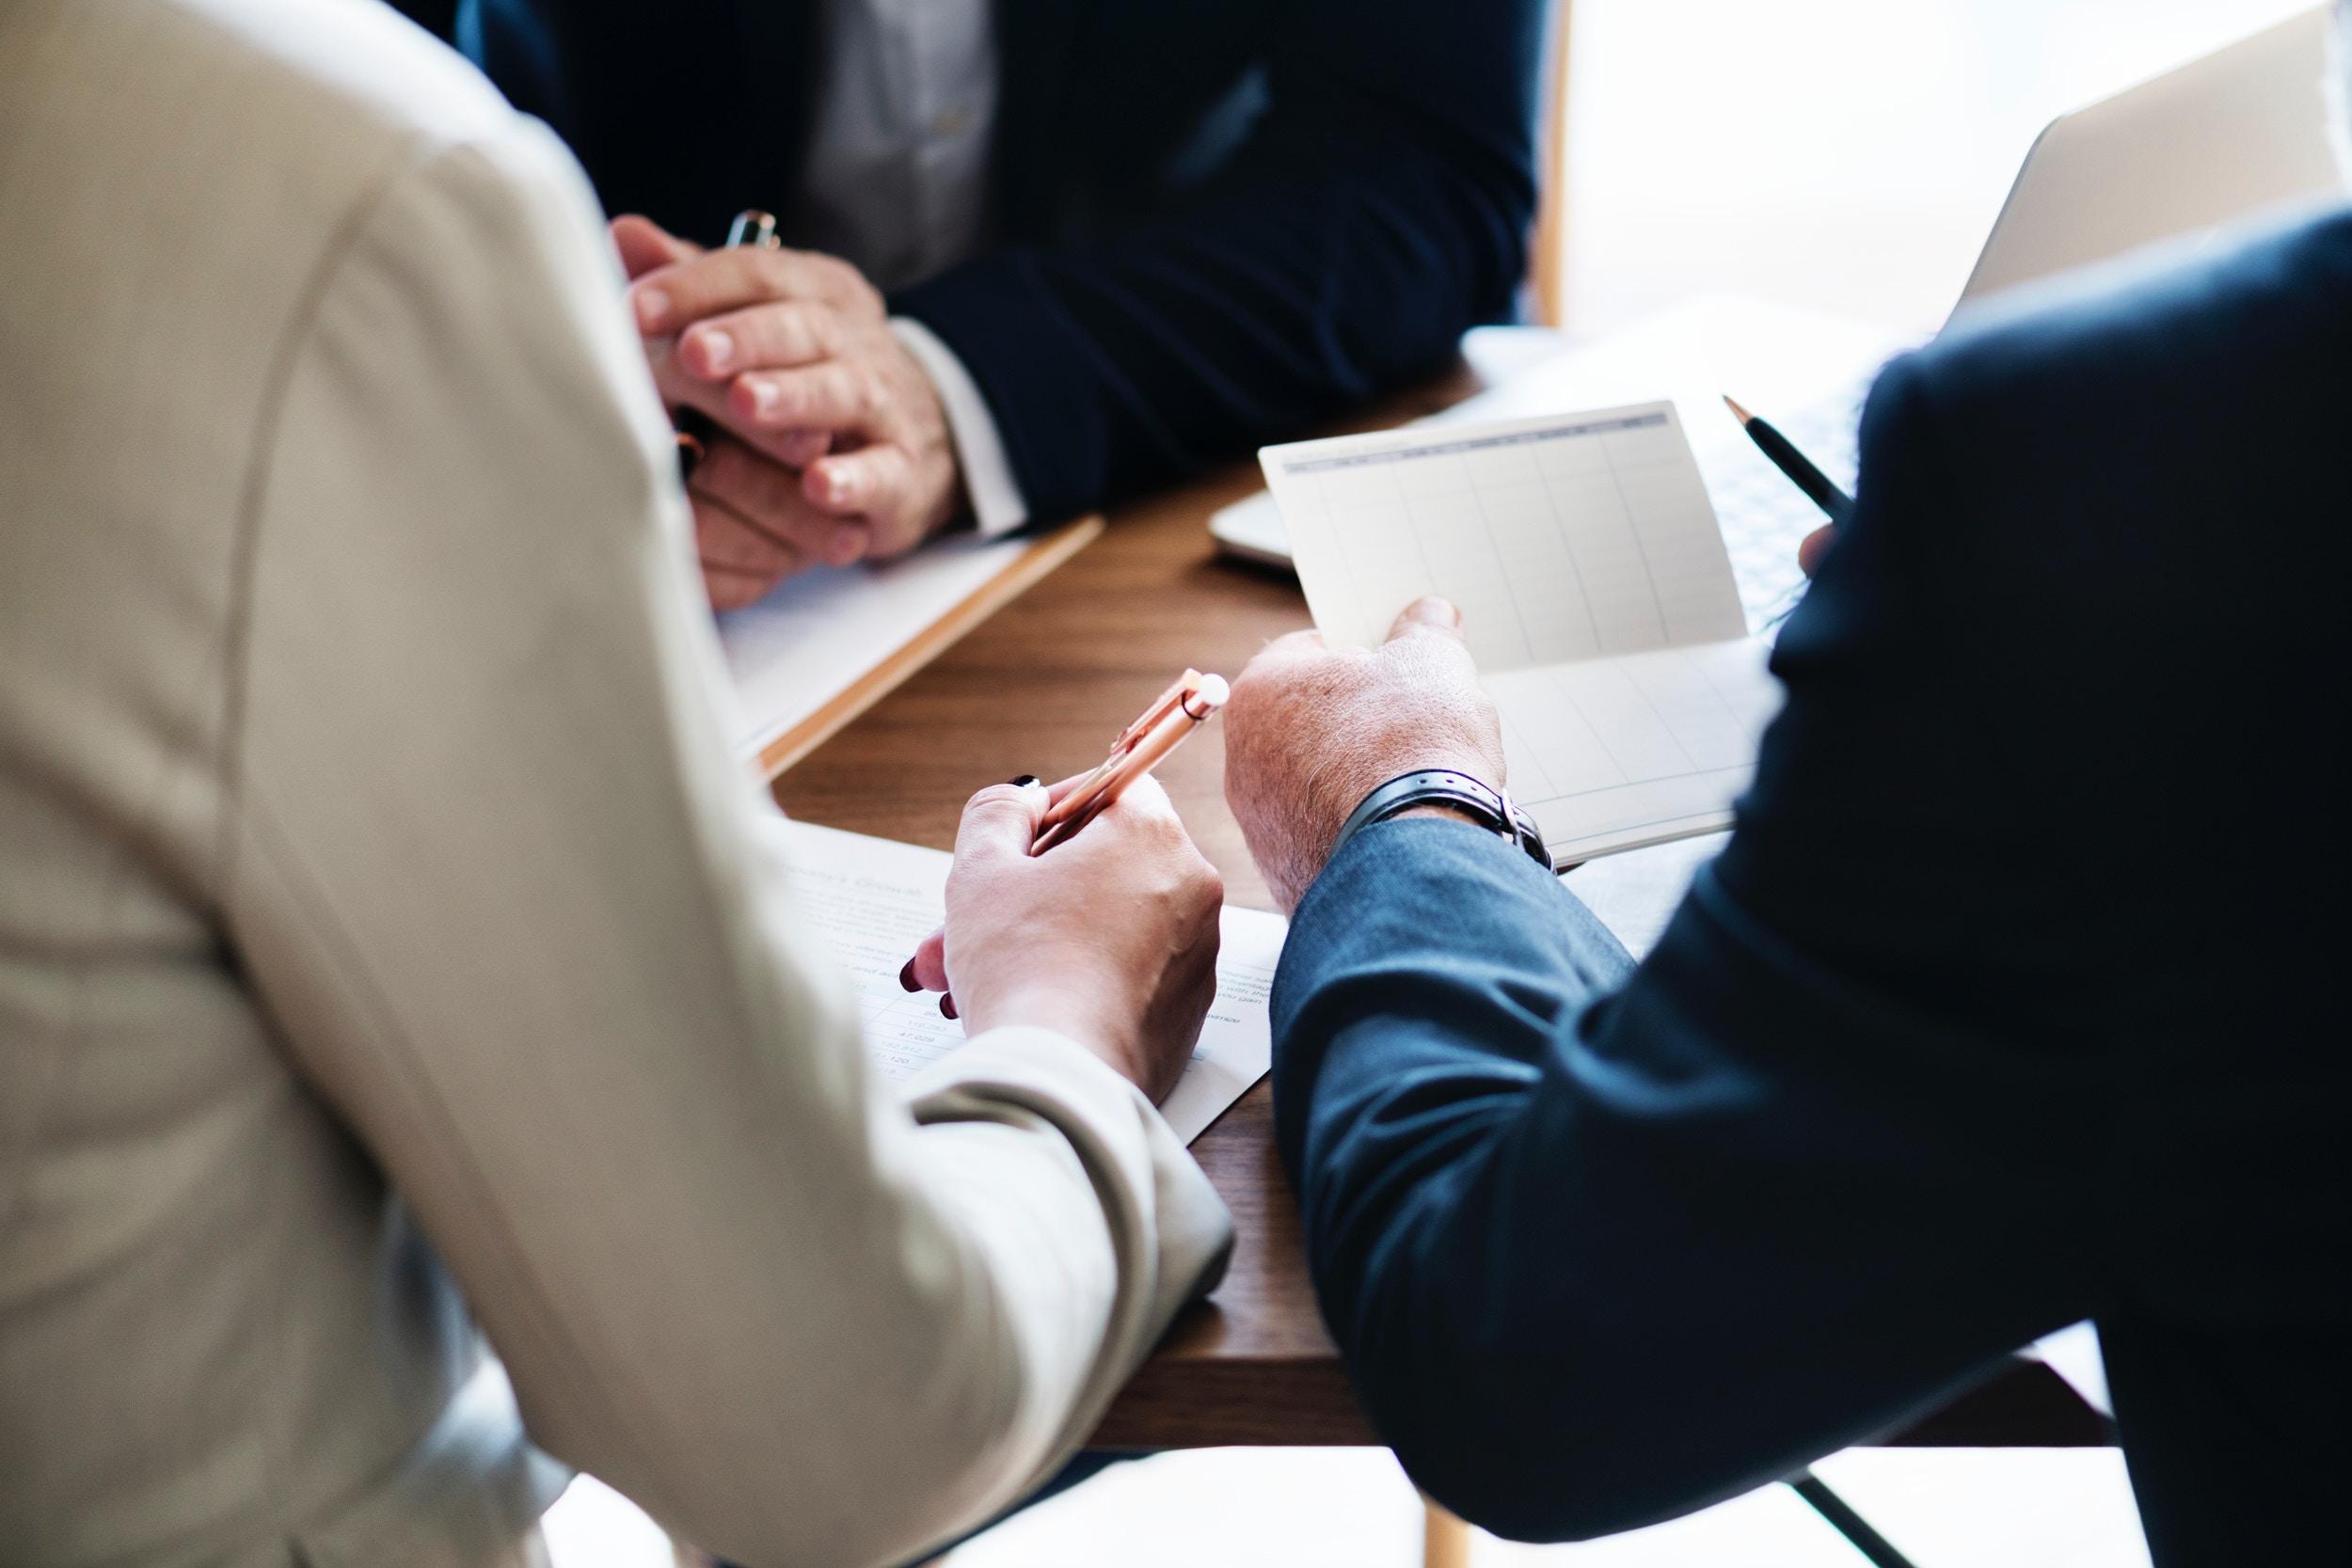 Couple divorce paperwork